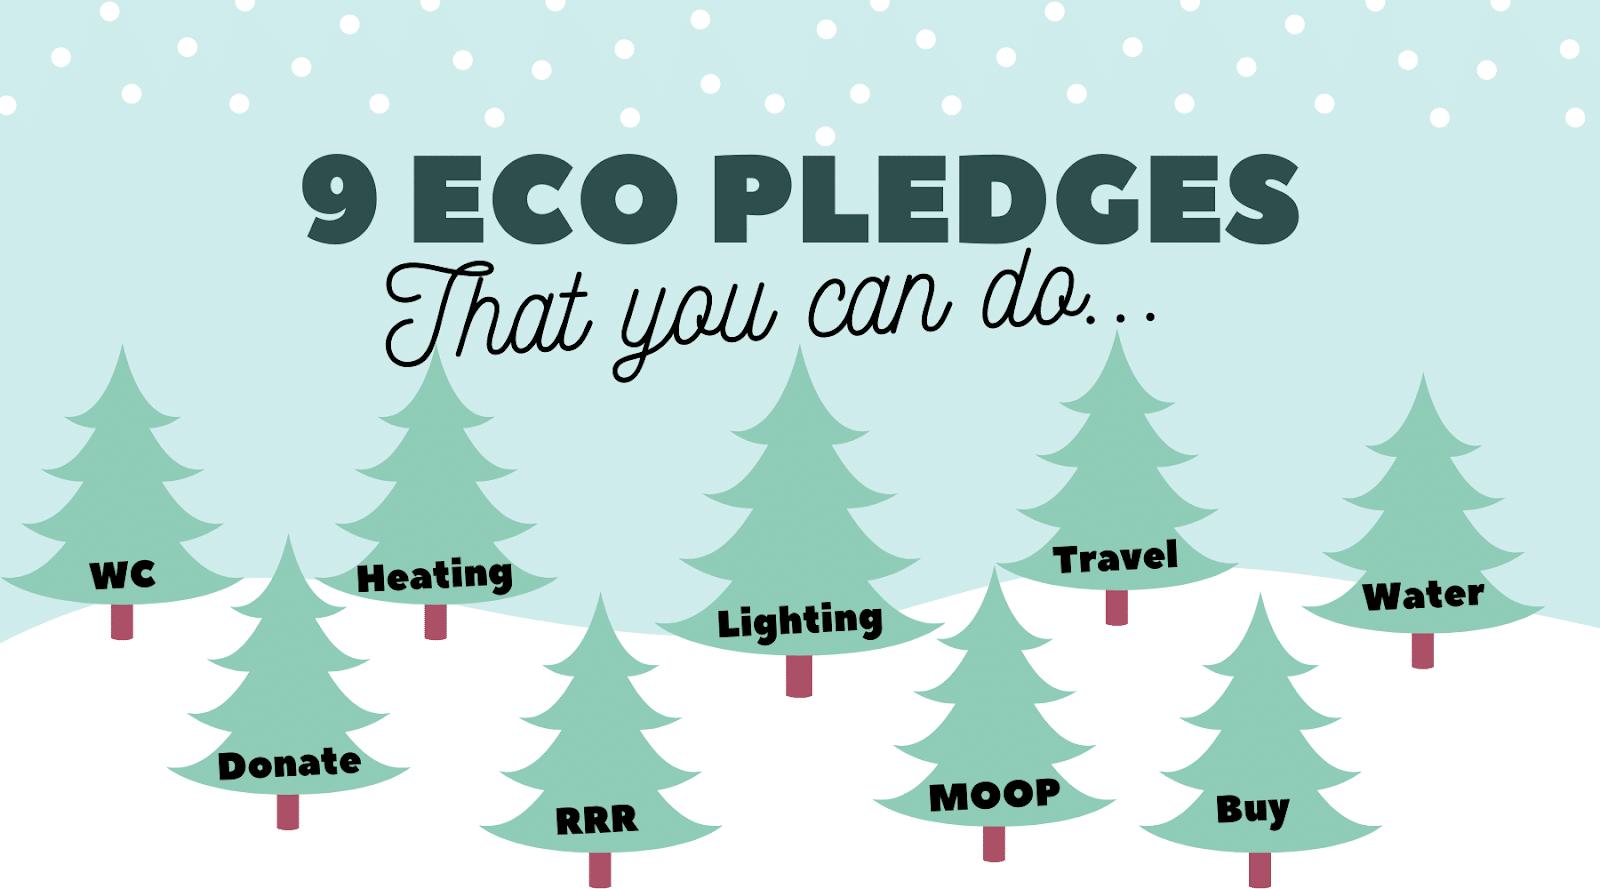 Mountain Xtra Eco Pledges